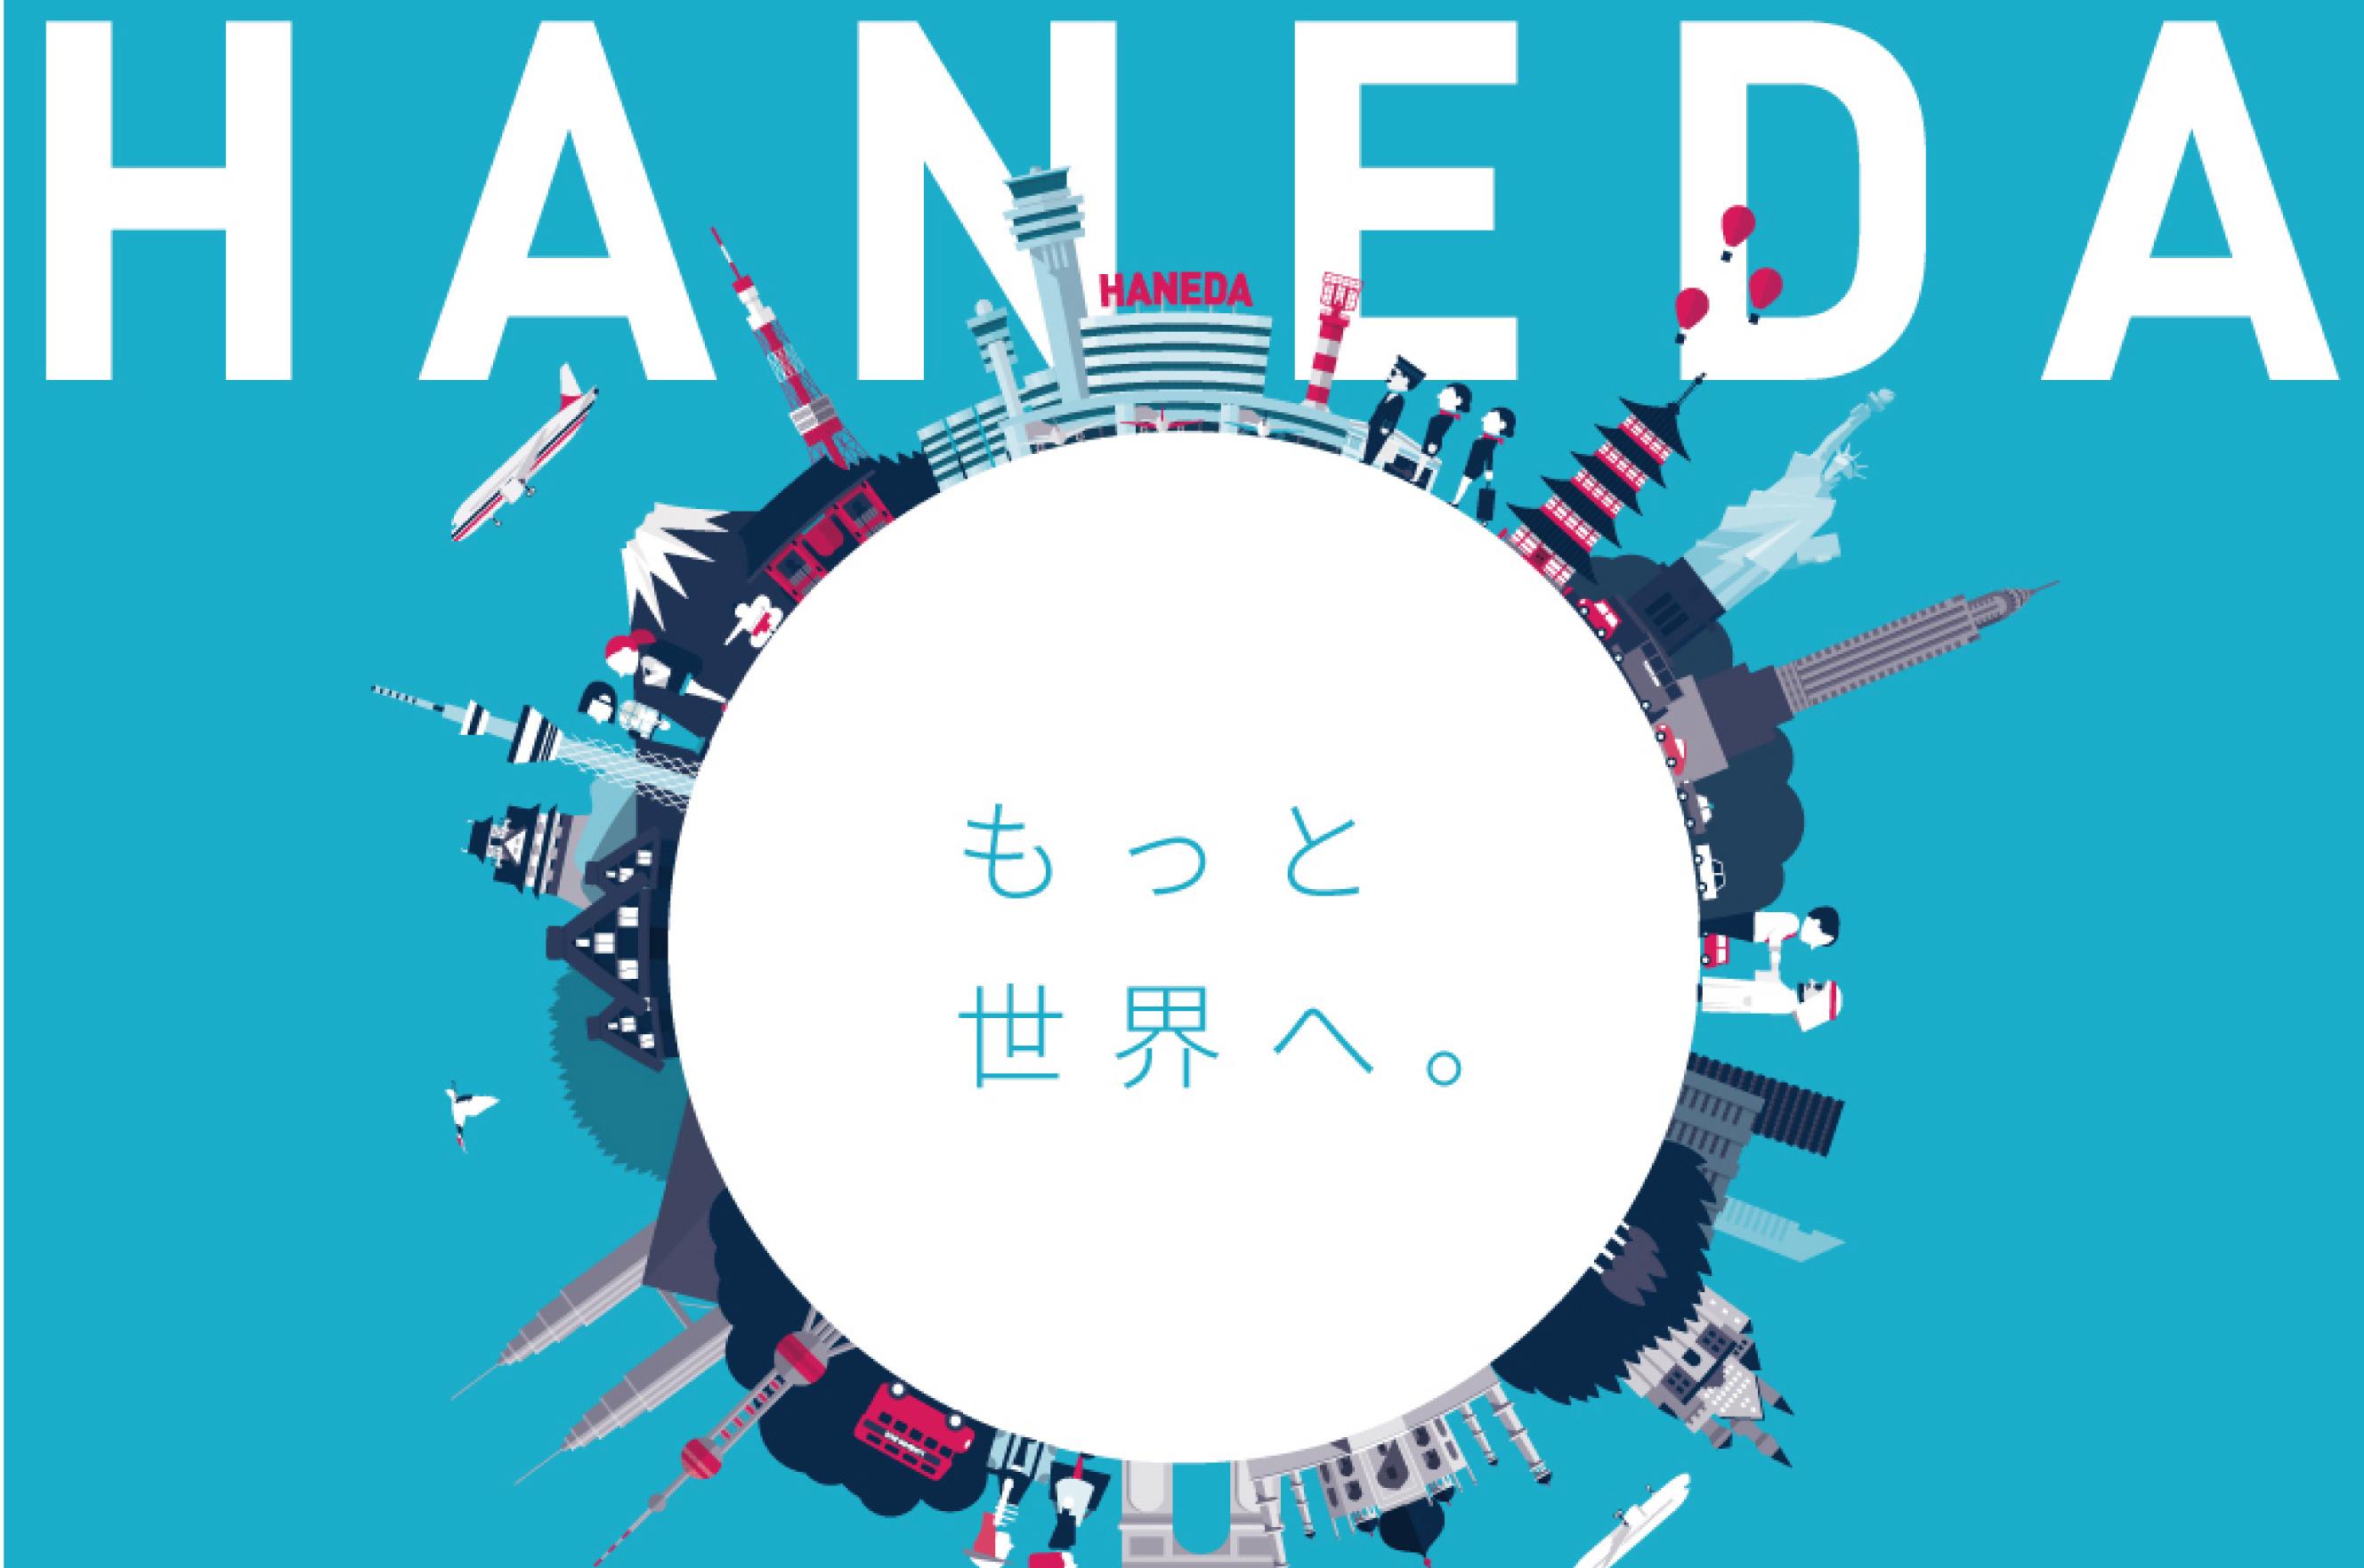 『羽田空港のこれから』 インフォグラフィック /ベネッセコーポレーションDM/LIVER NOTESロゴ/ブックデザイン